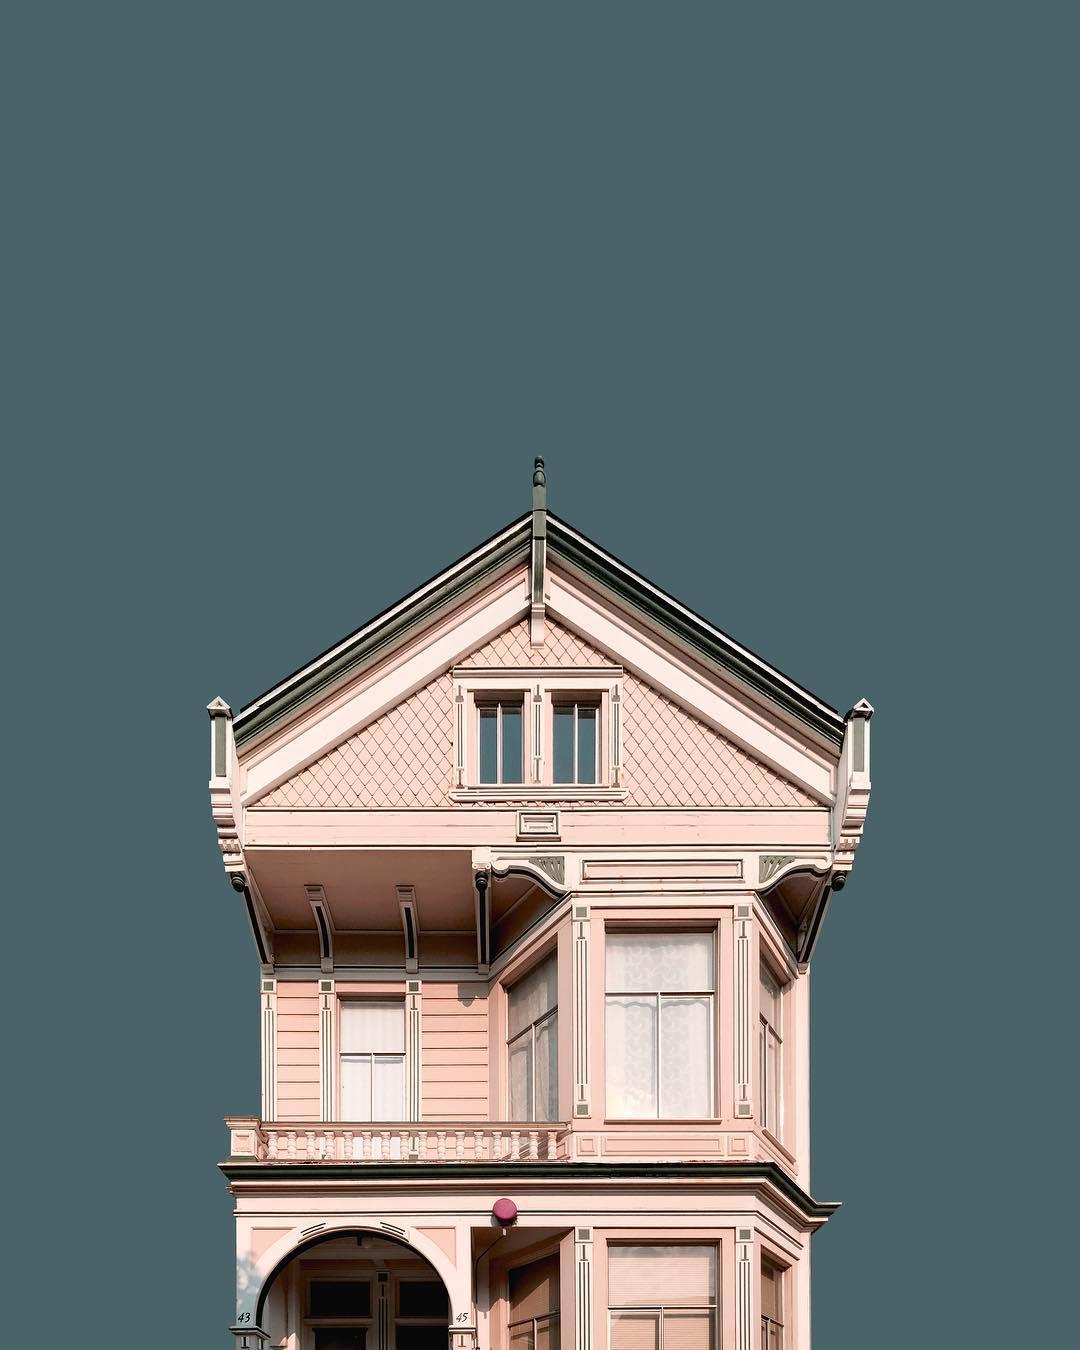 Le folli architetture di Eric Randall Morris | Collater.al 8